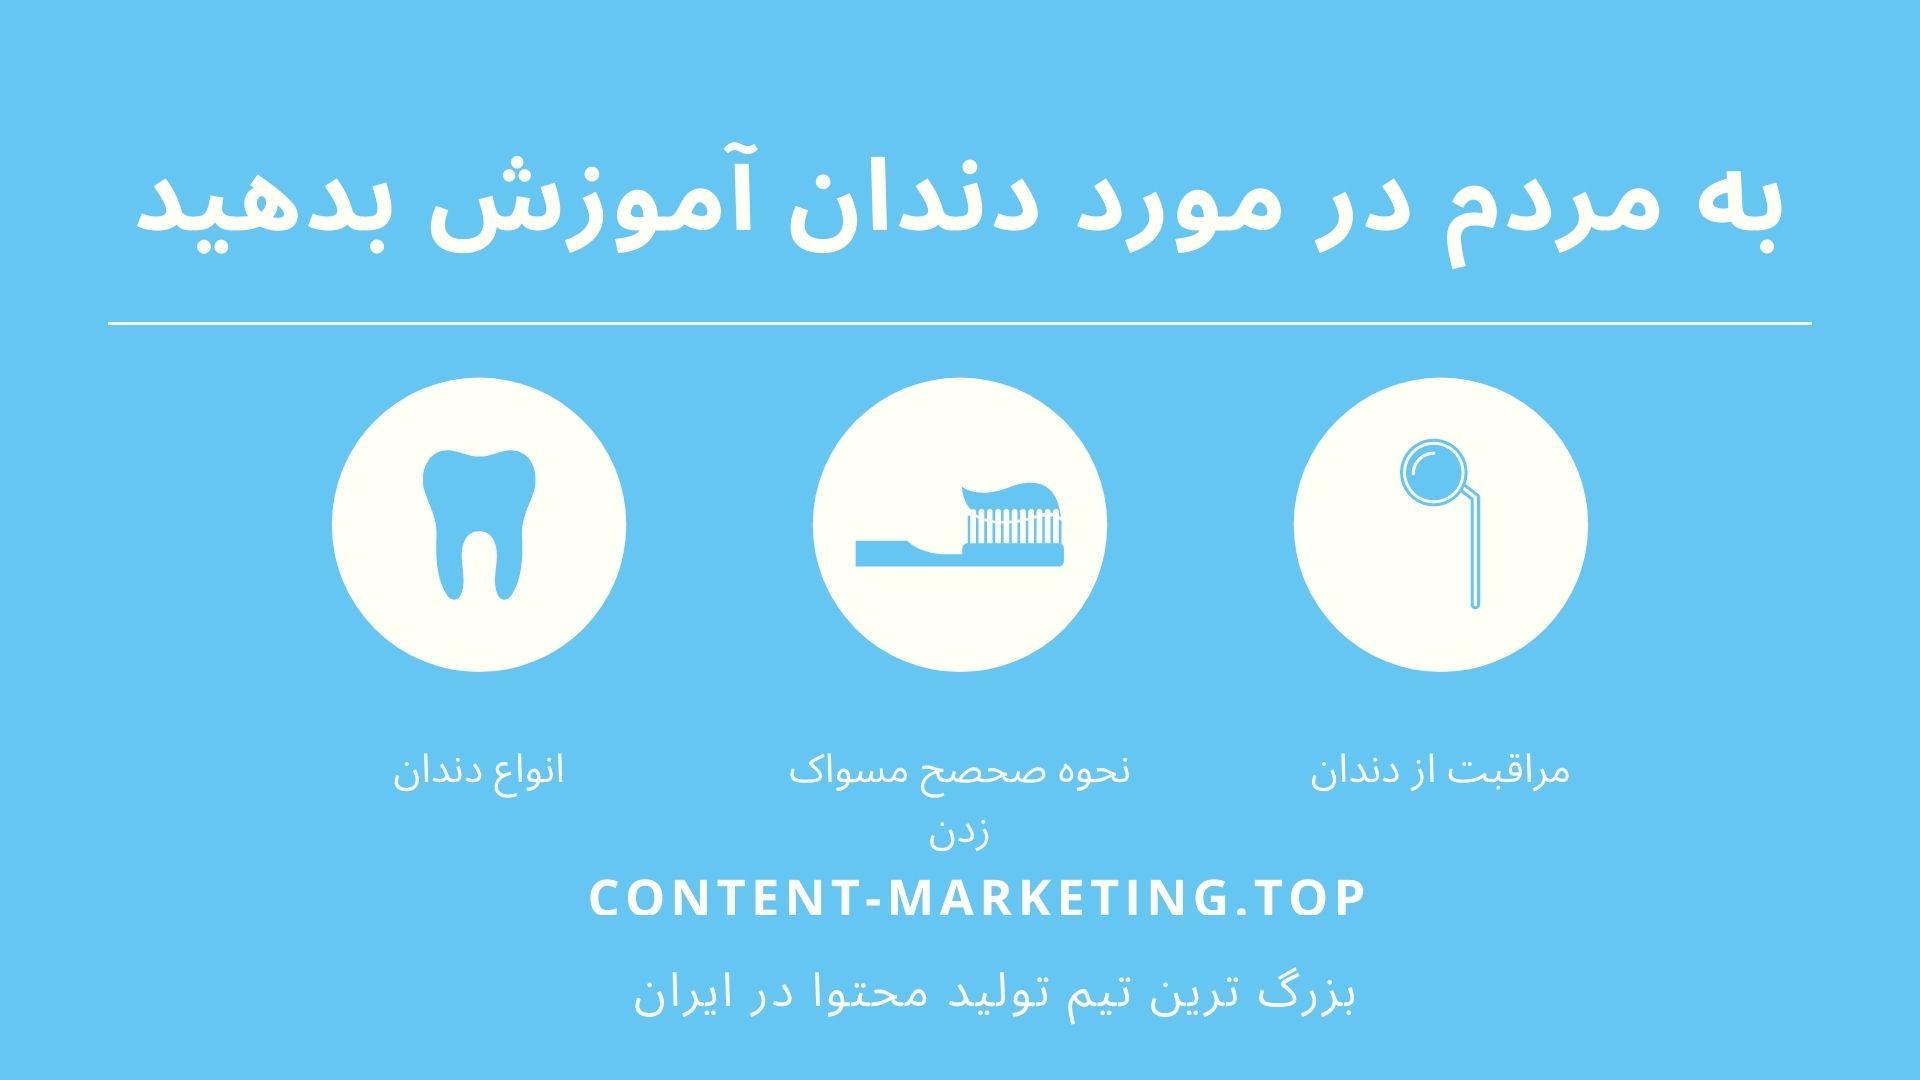 به مردم در مورد دندان آموزش بدهید: